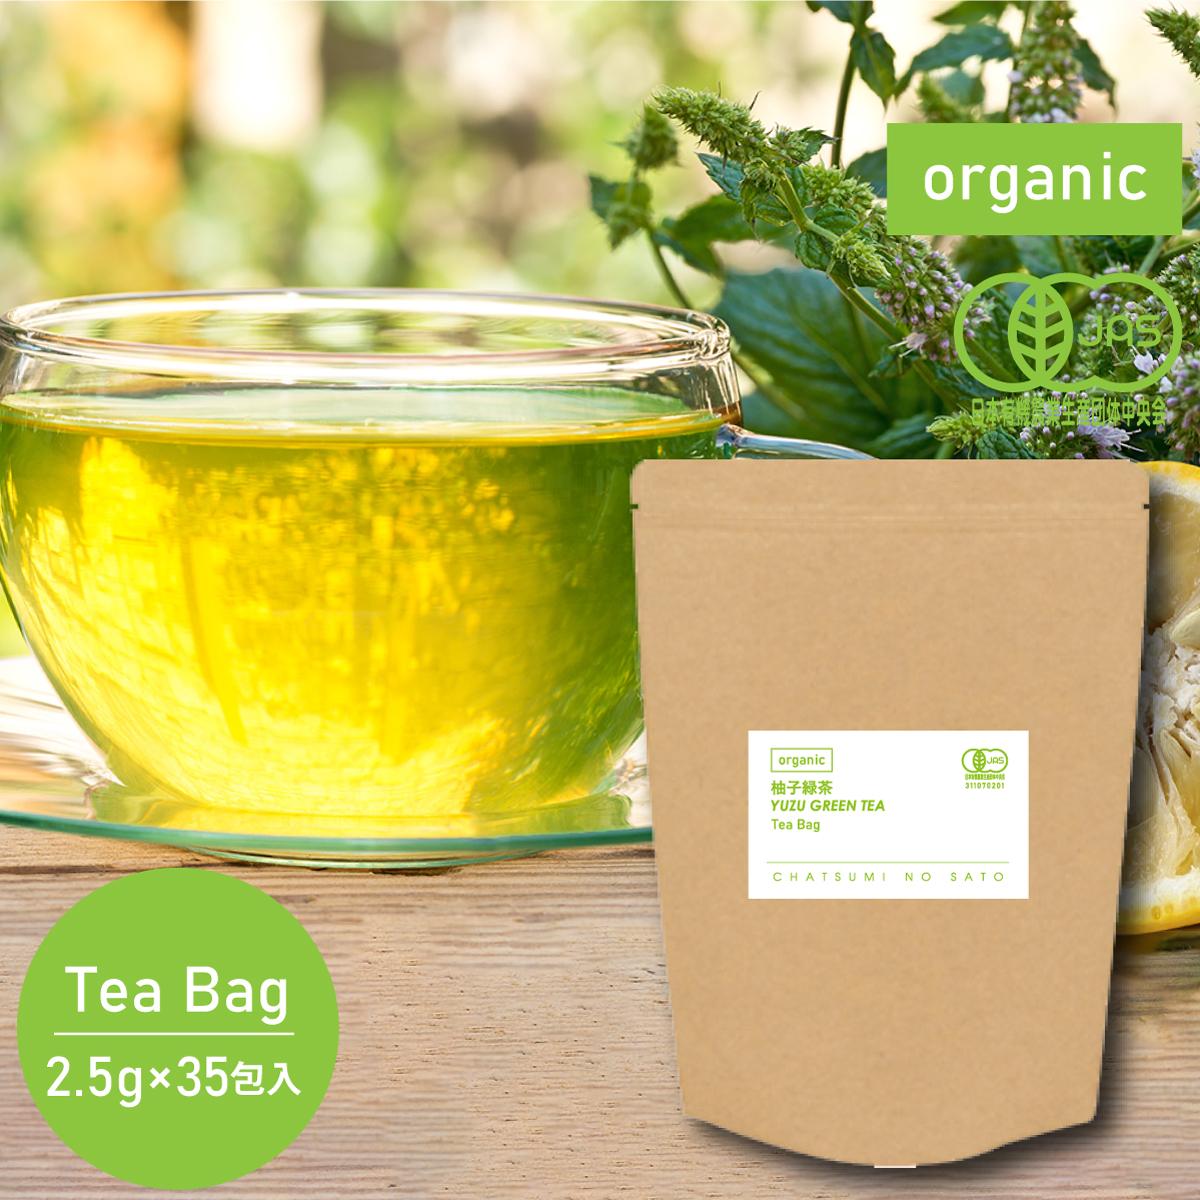 【送料無料】オーガニック 柚子緑茶 (2.5g×35包入)